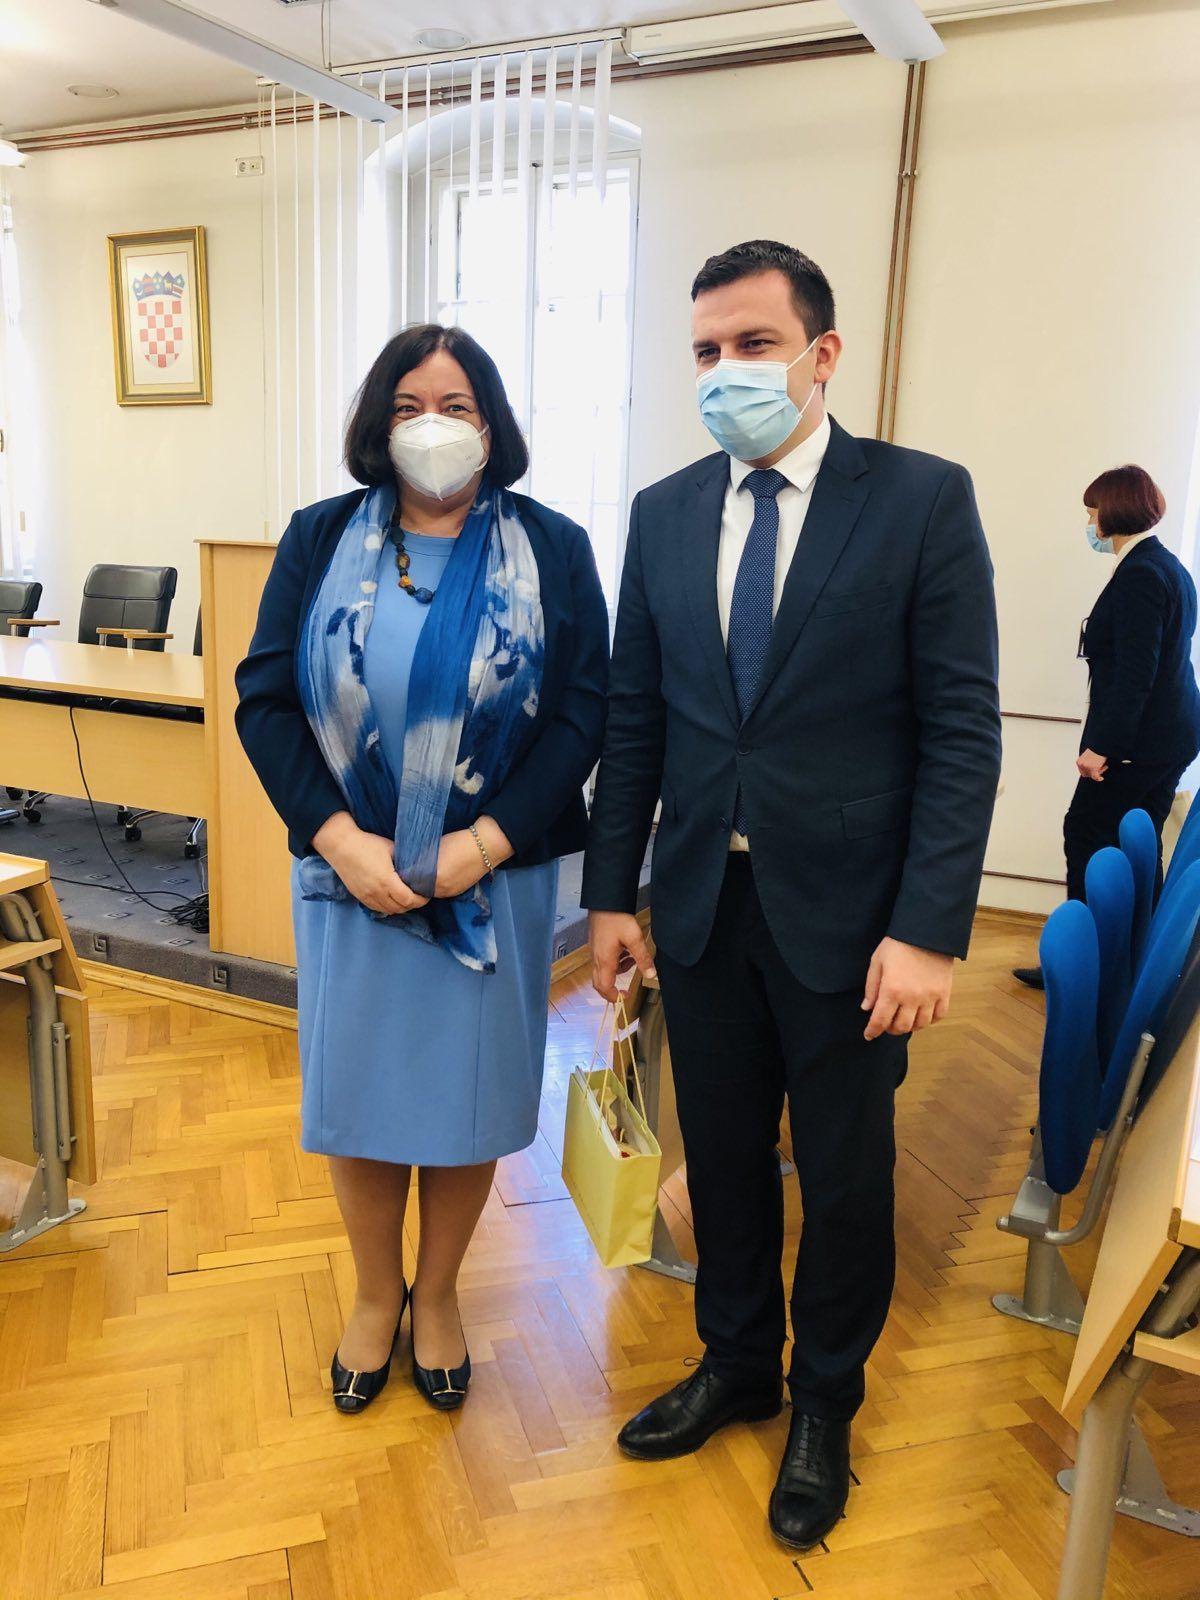 grad bjelovar-veleposlanici (1)